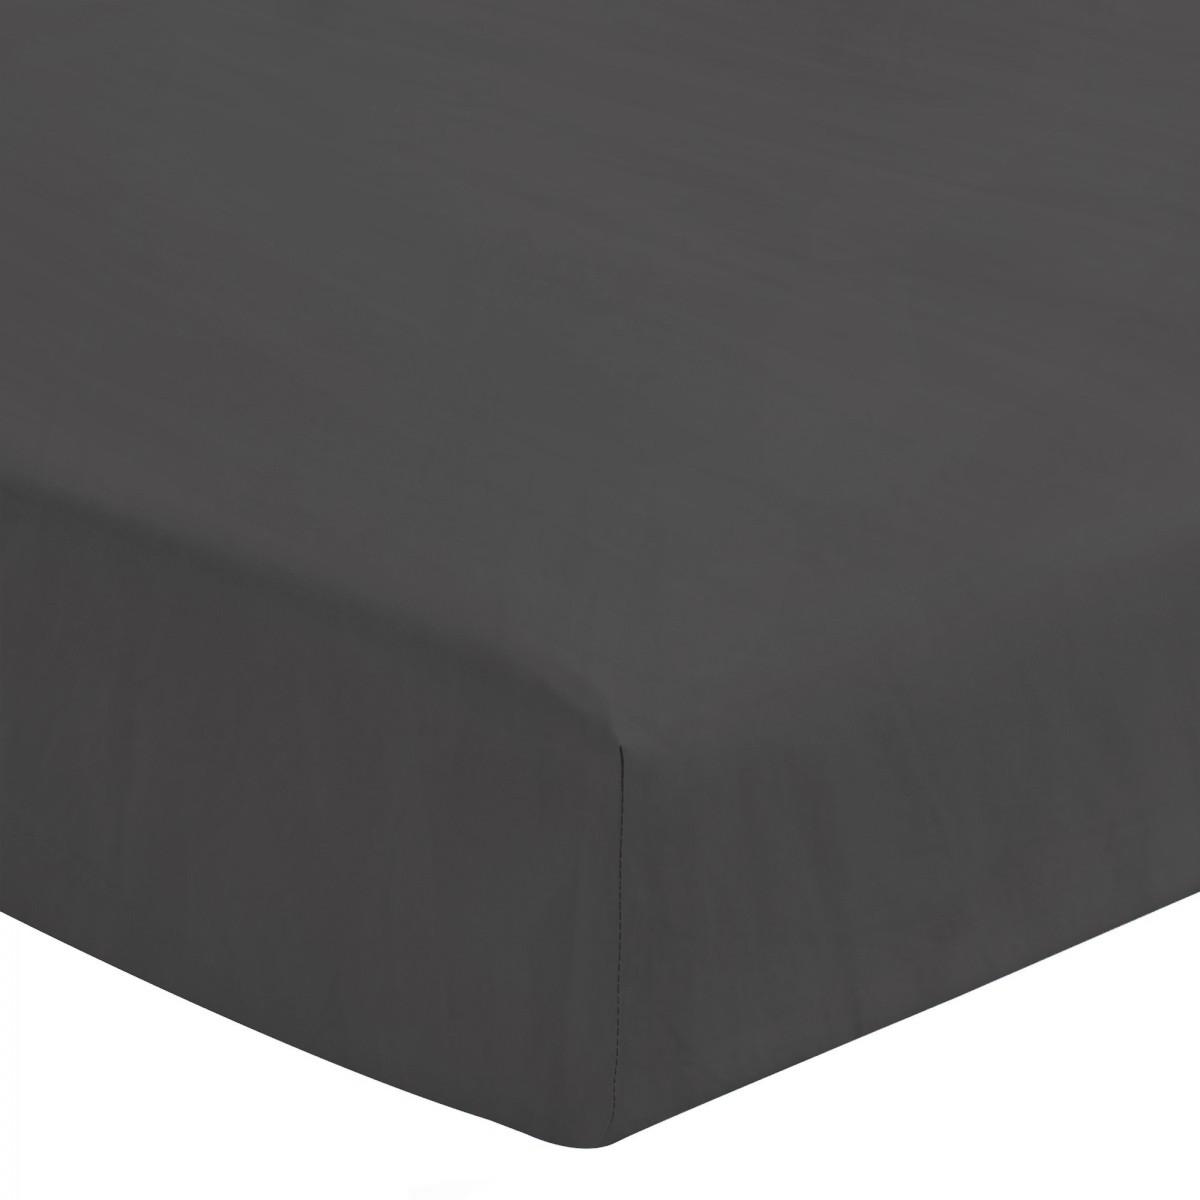 Drap Housse Uni 100% Coton Bonnet 25cm Gris Foncé 140x190cm